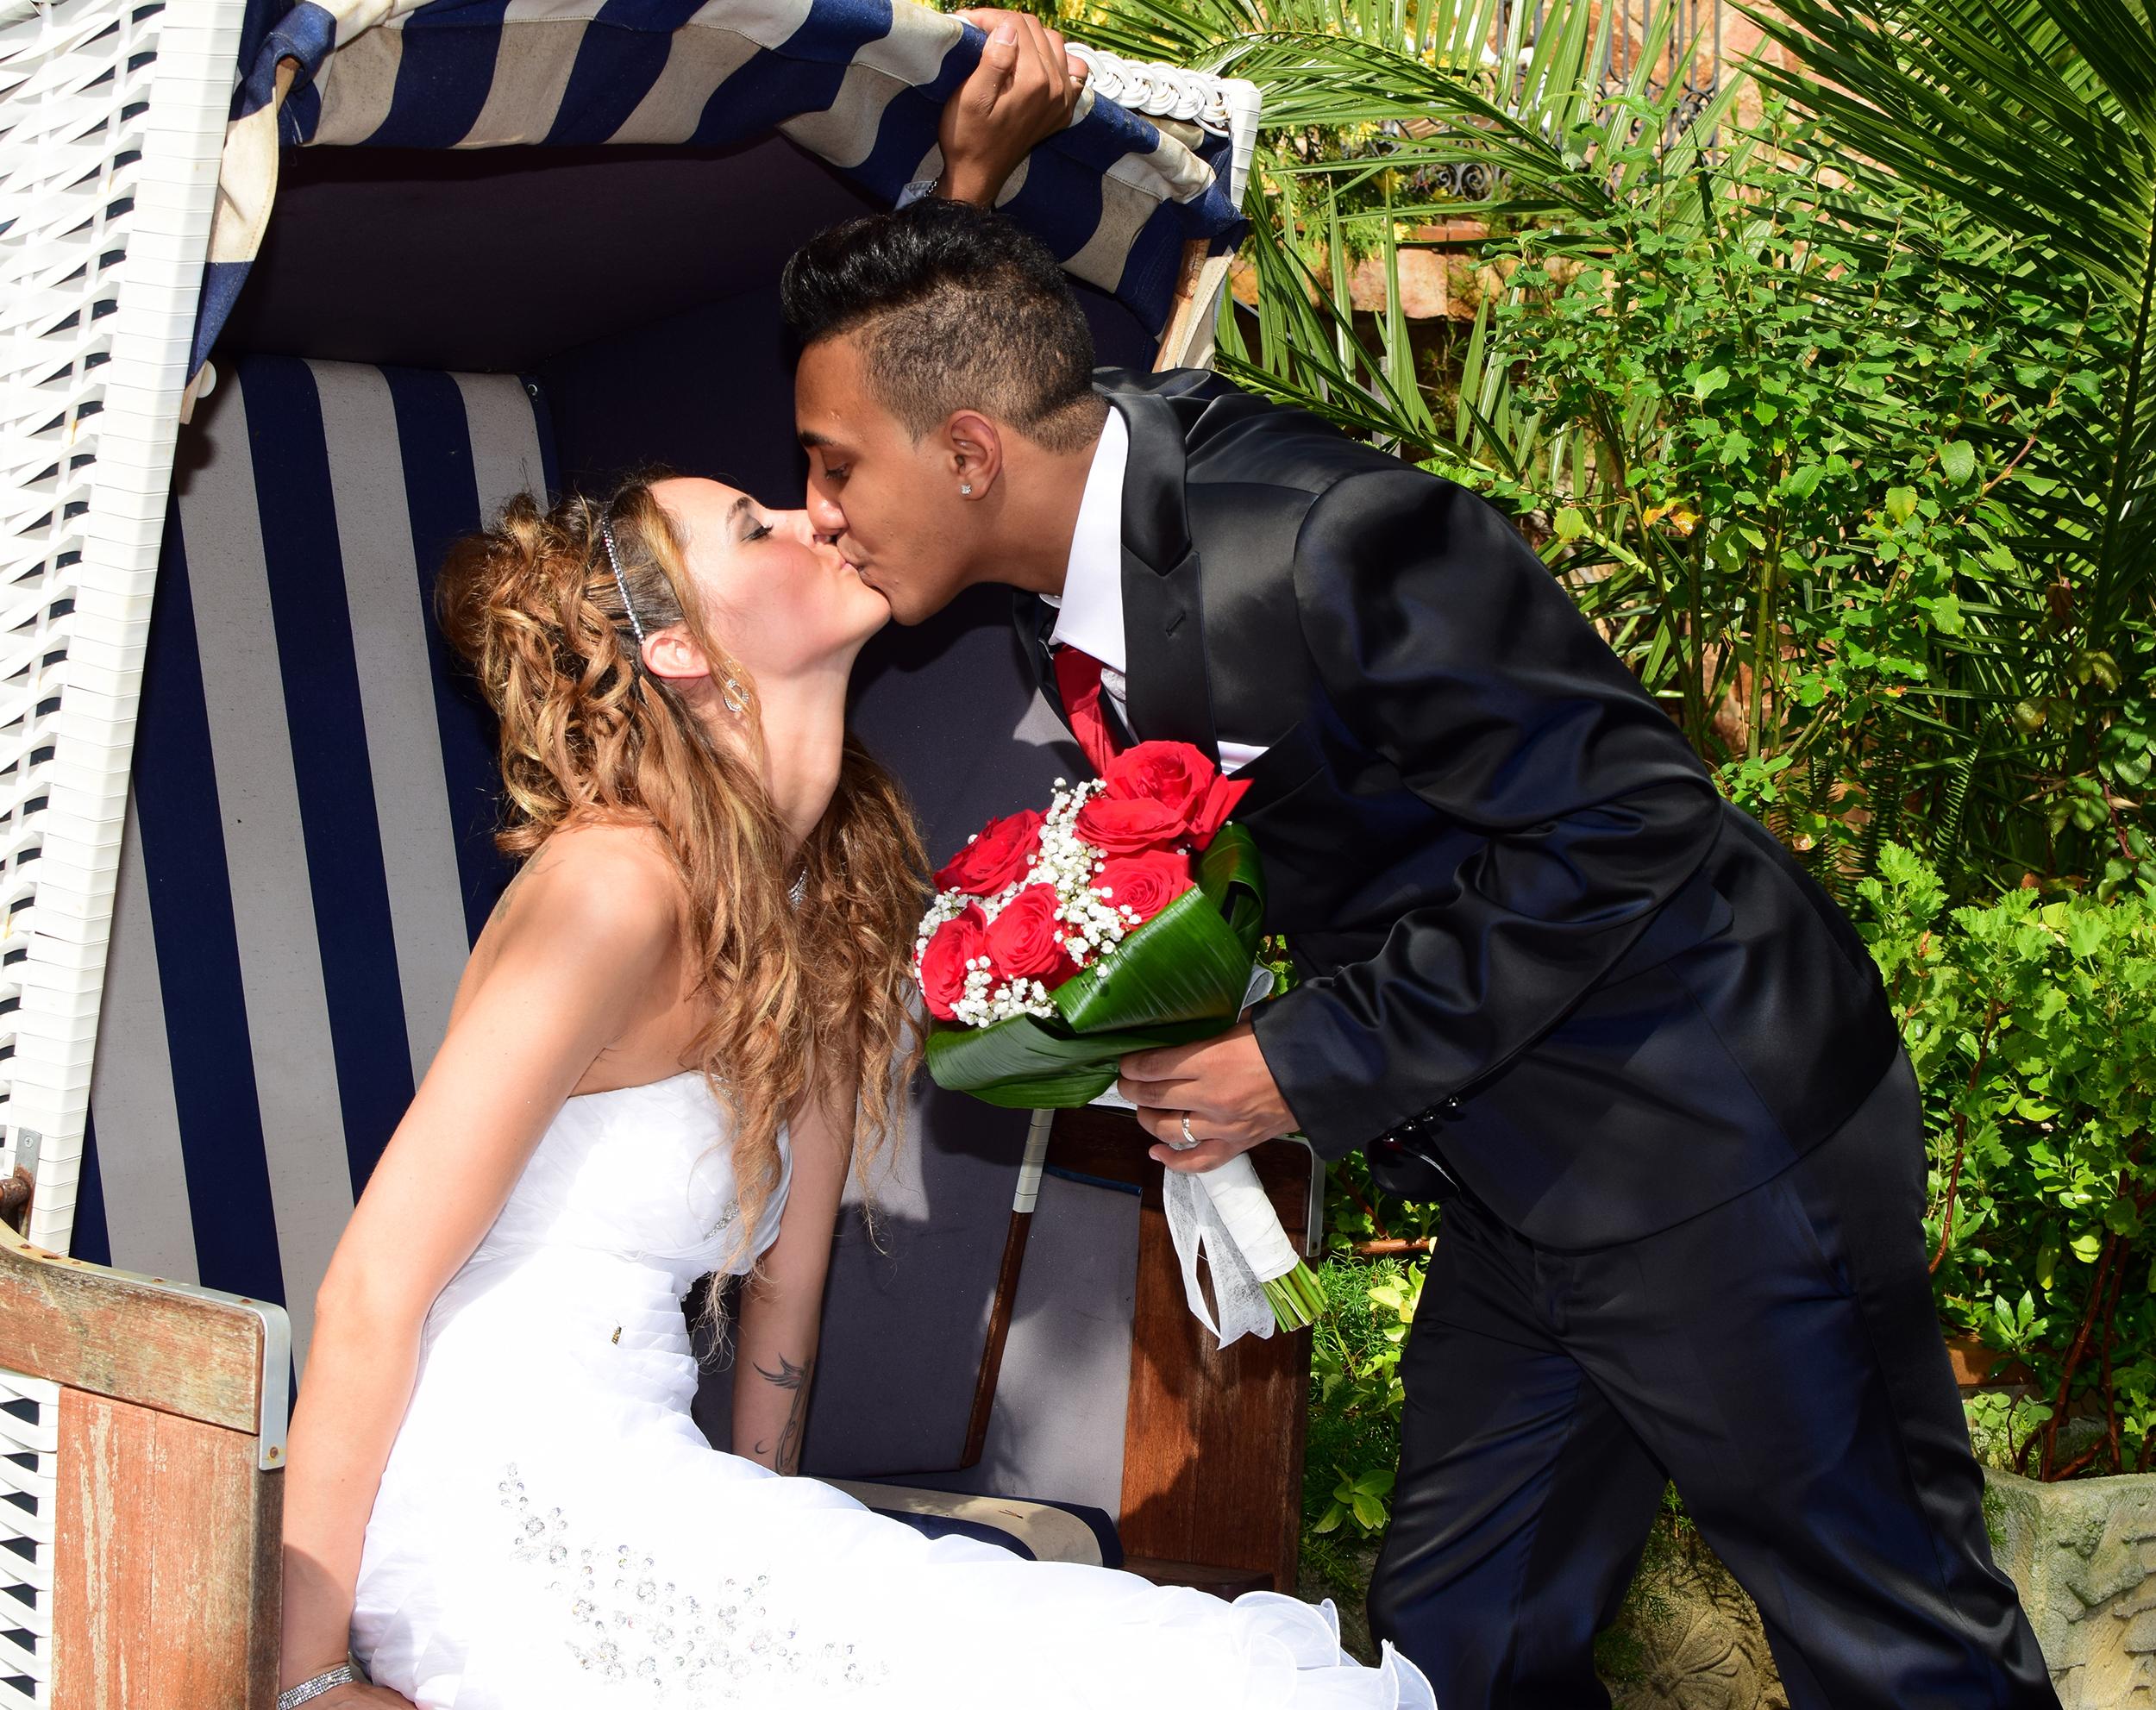 Emotivo reportaje fotográfico de la boda realizada en el hotel Eden Roc en Sant Feliu de Guixols